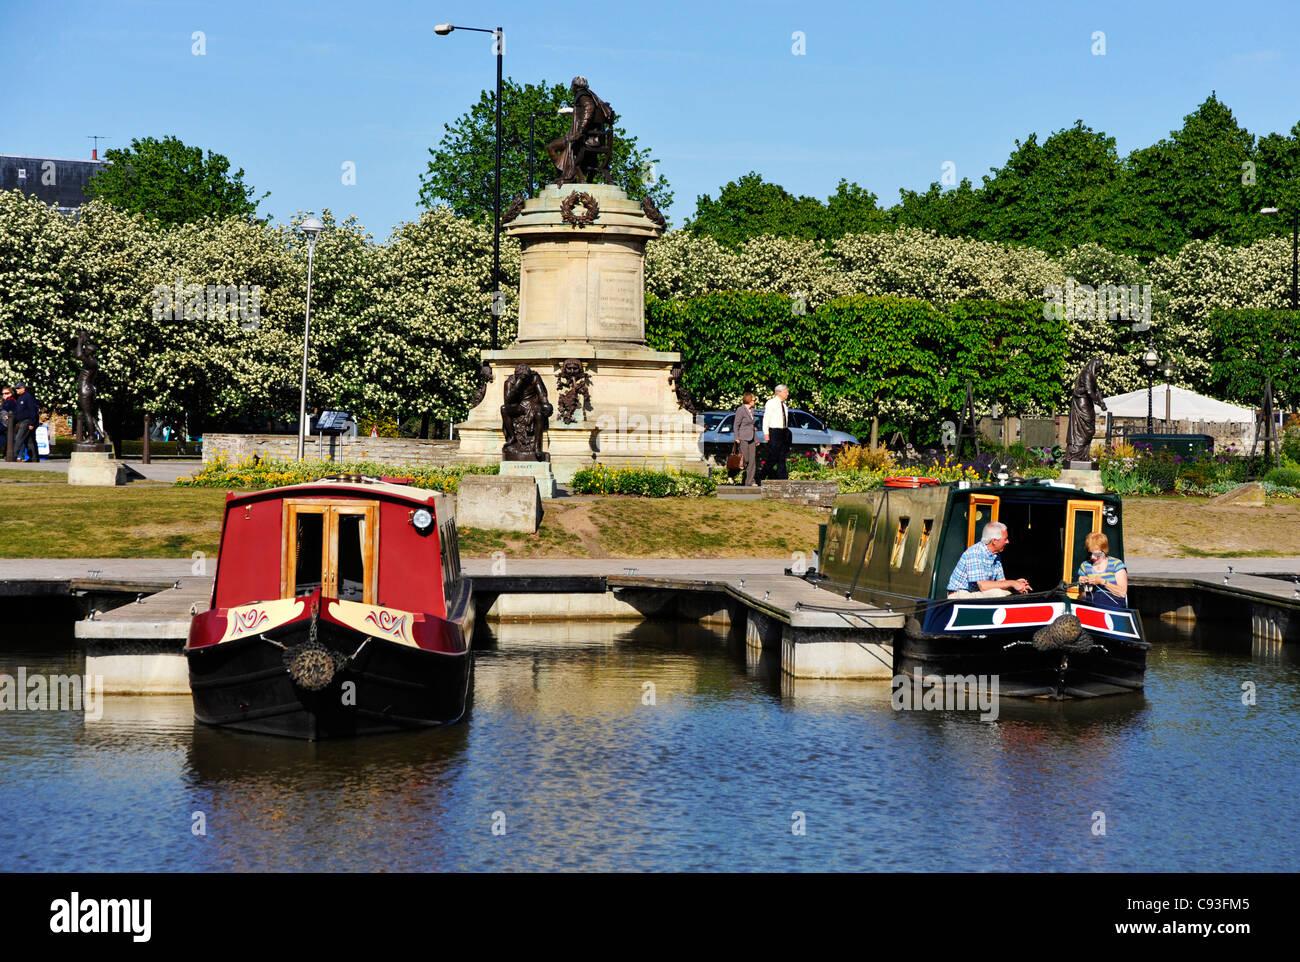 Las barcazas en el río, en Stratford-upon-Avon. Imagen De Stock